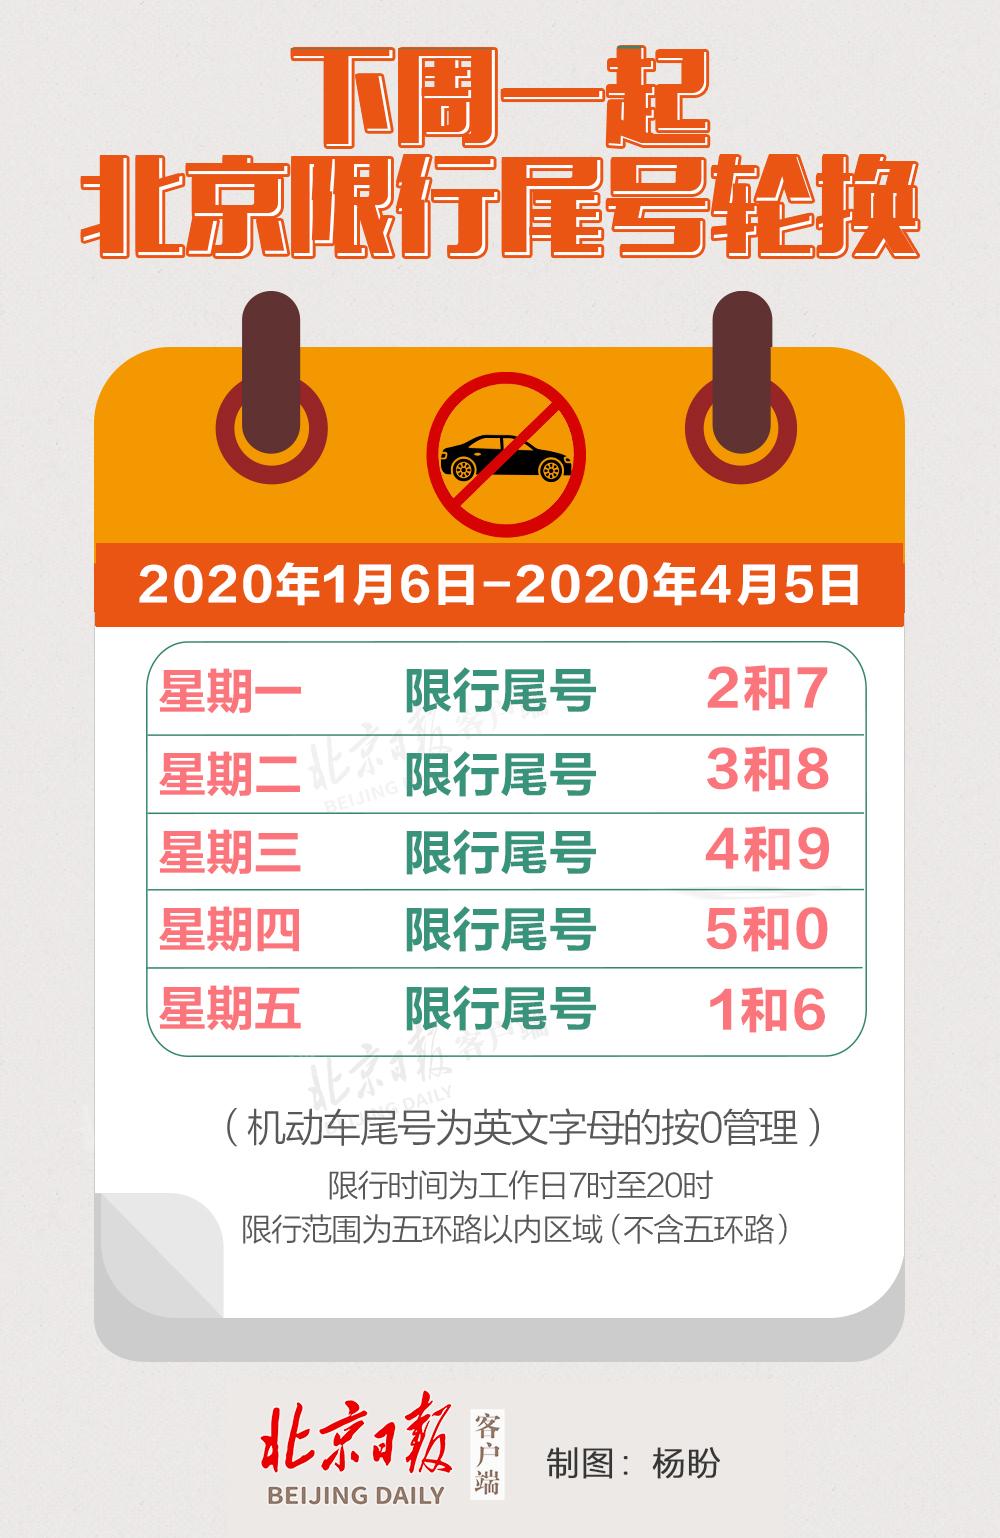 别忘了!北京机动车下周一尾号限行轮换,周一限2和7